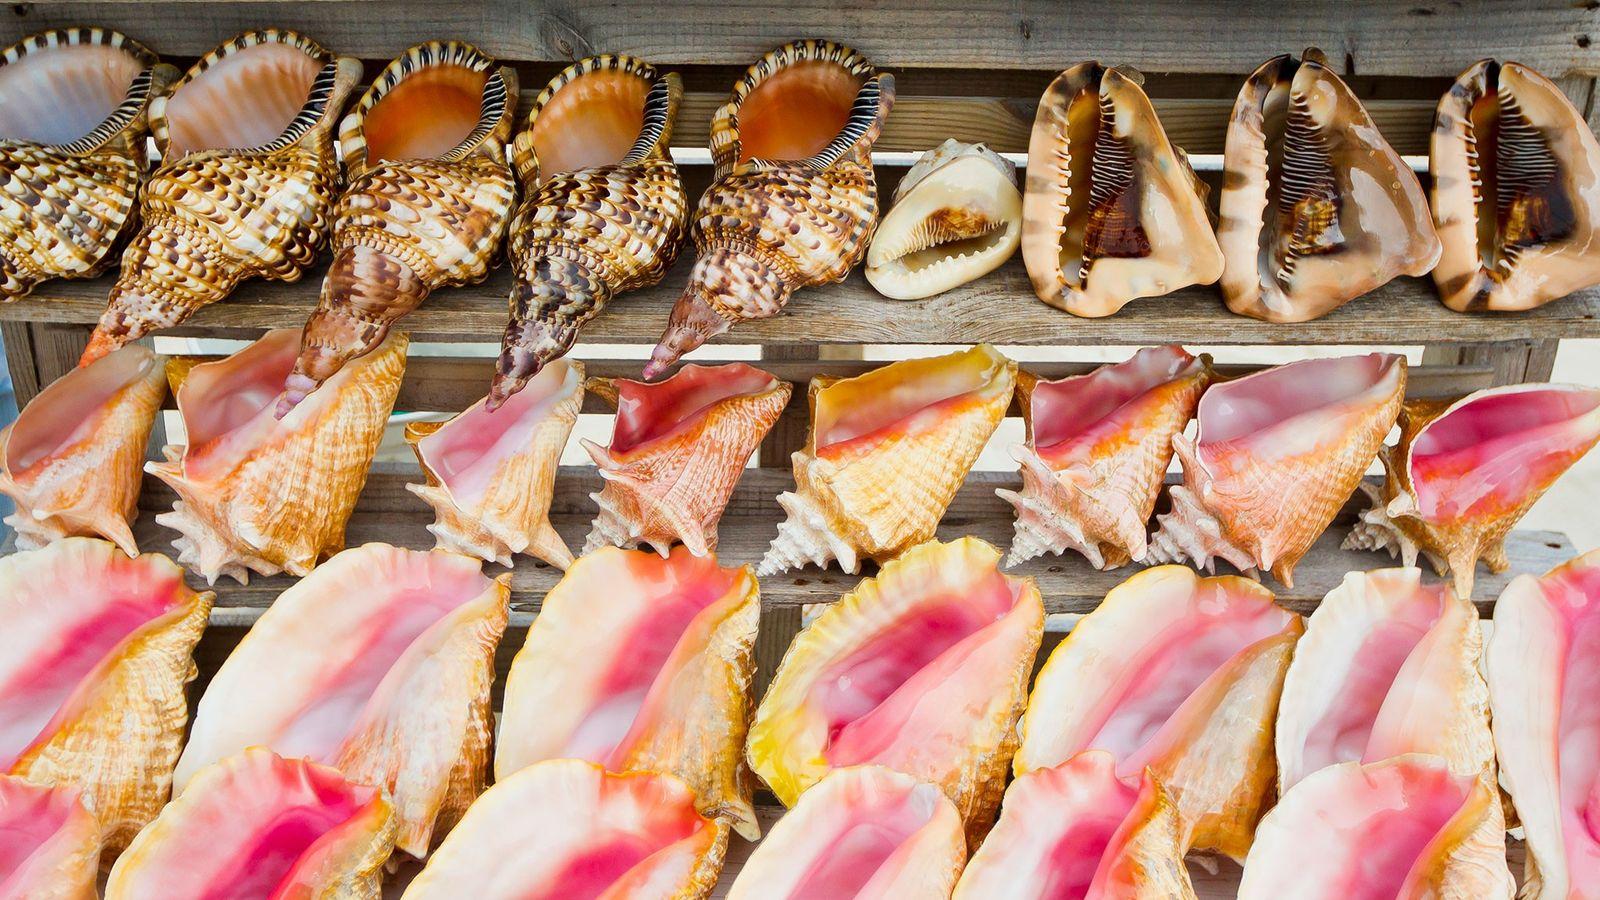 A coleta de moluscos para artes e souvenires é uma indústria de grande escala que envolve ...